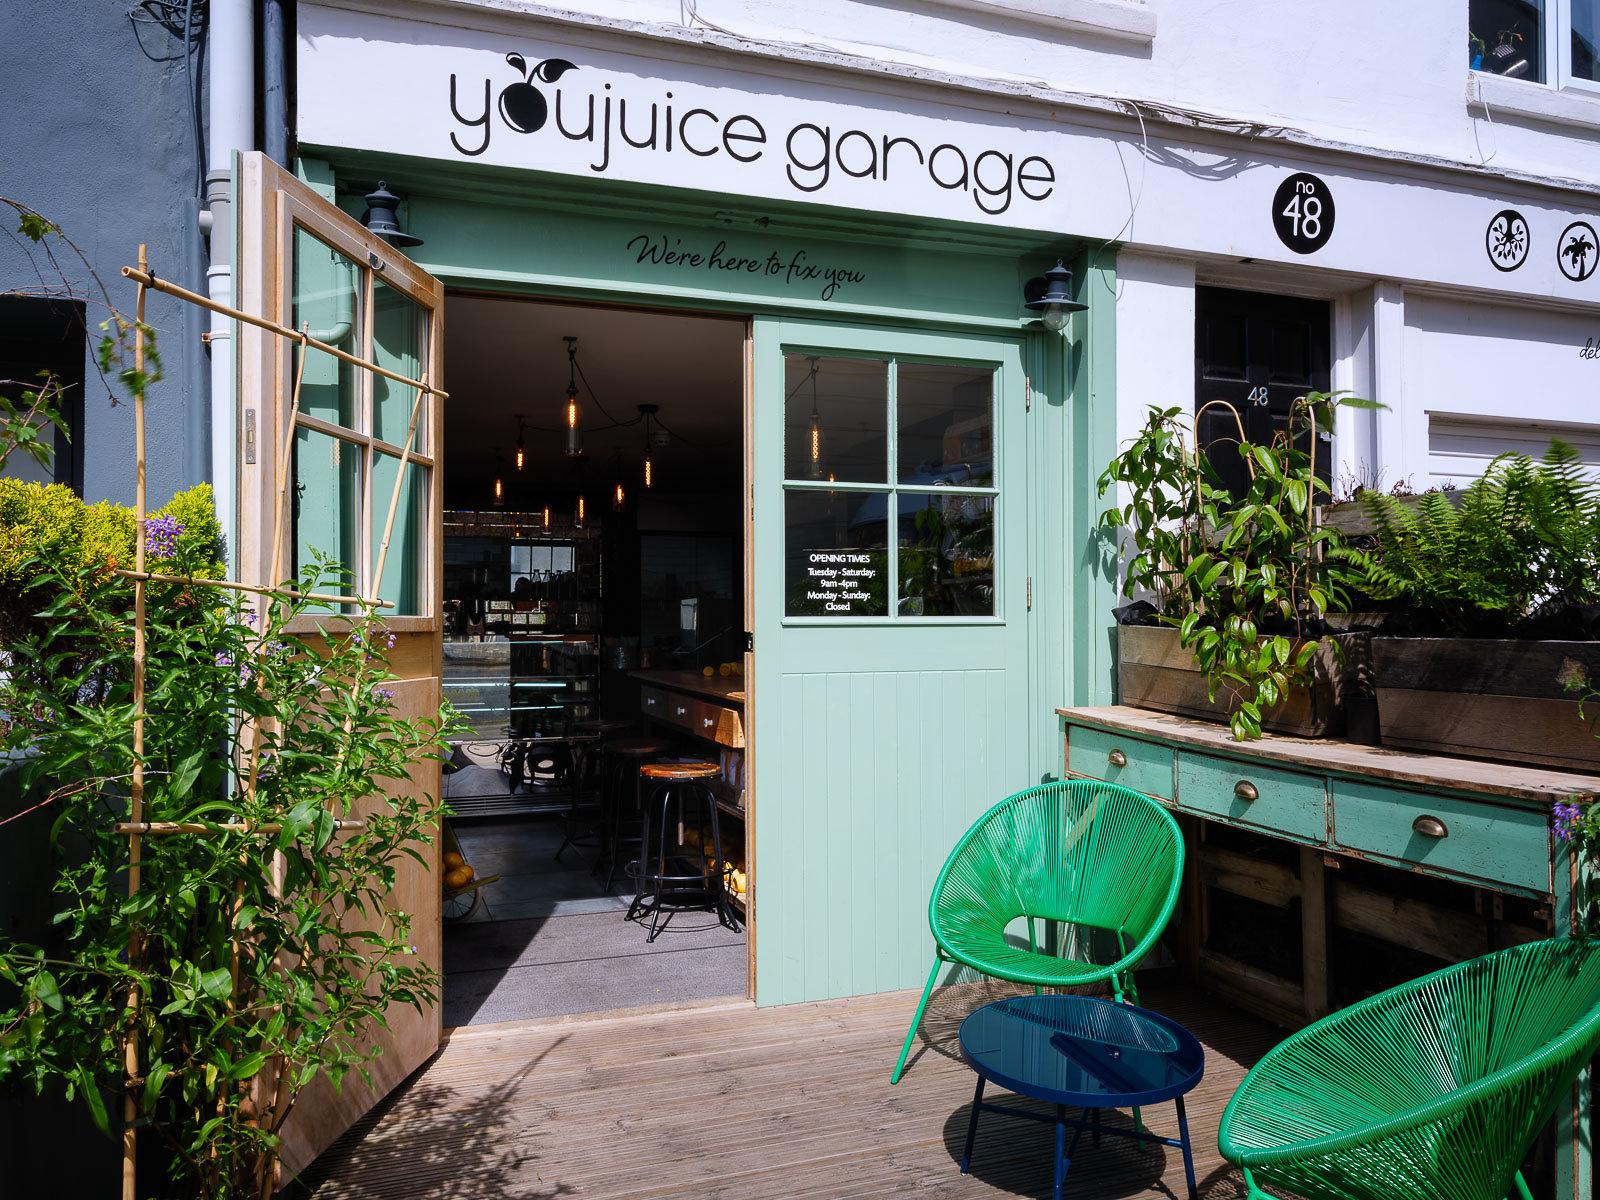 youjuice_garage_hove_brighton.jpg